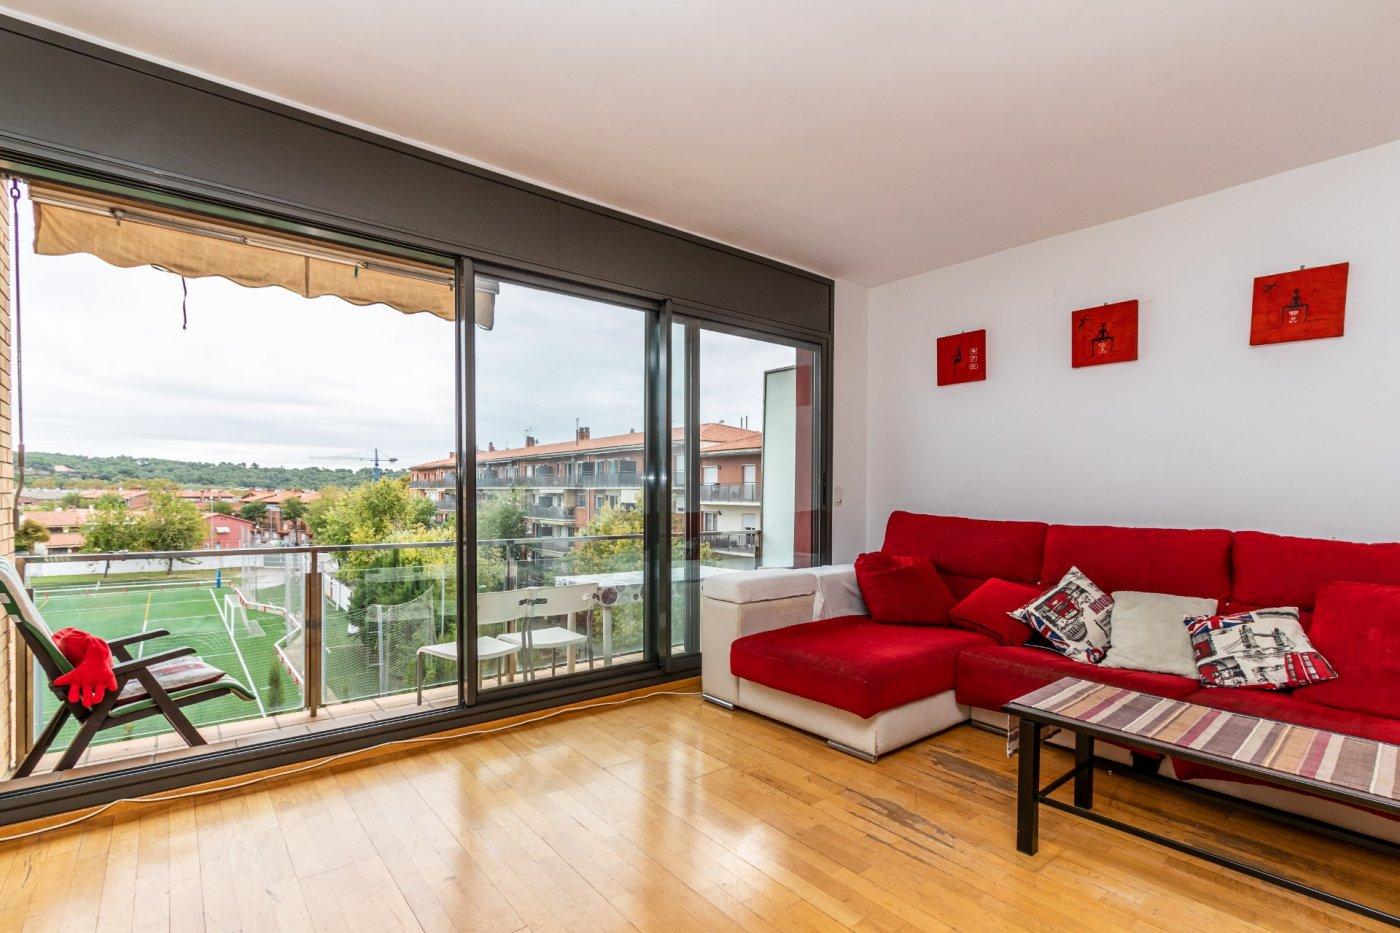 Espectacular piso en espai tolra con pk y piscina comunitaria - imagenInmueble0